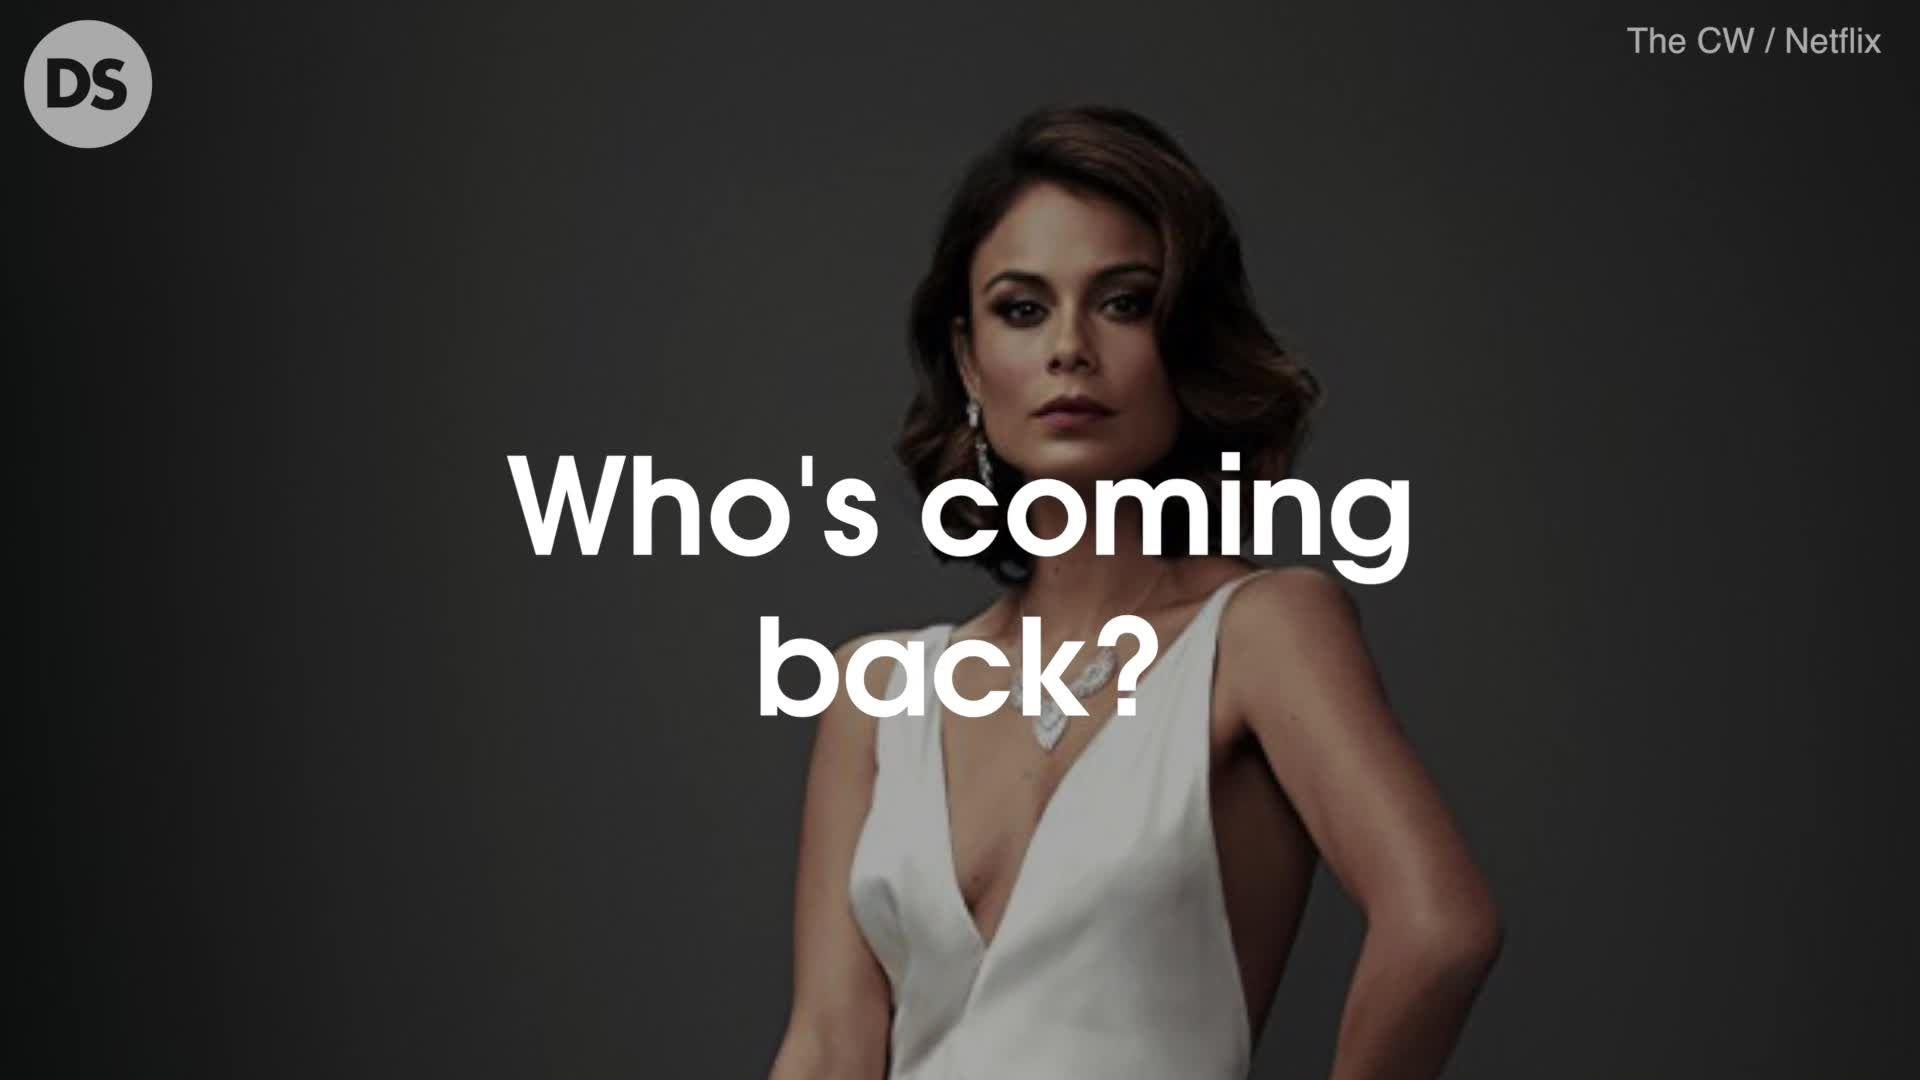 Dynasty season 2 – Release date, cast, spoilers